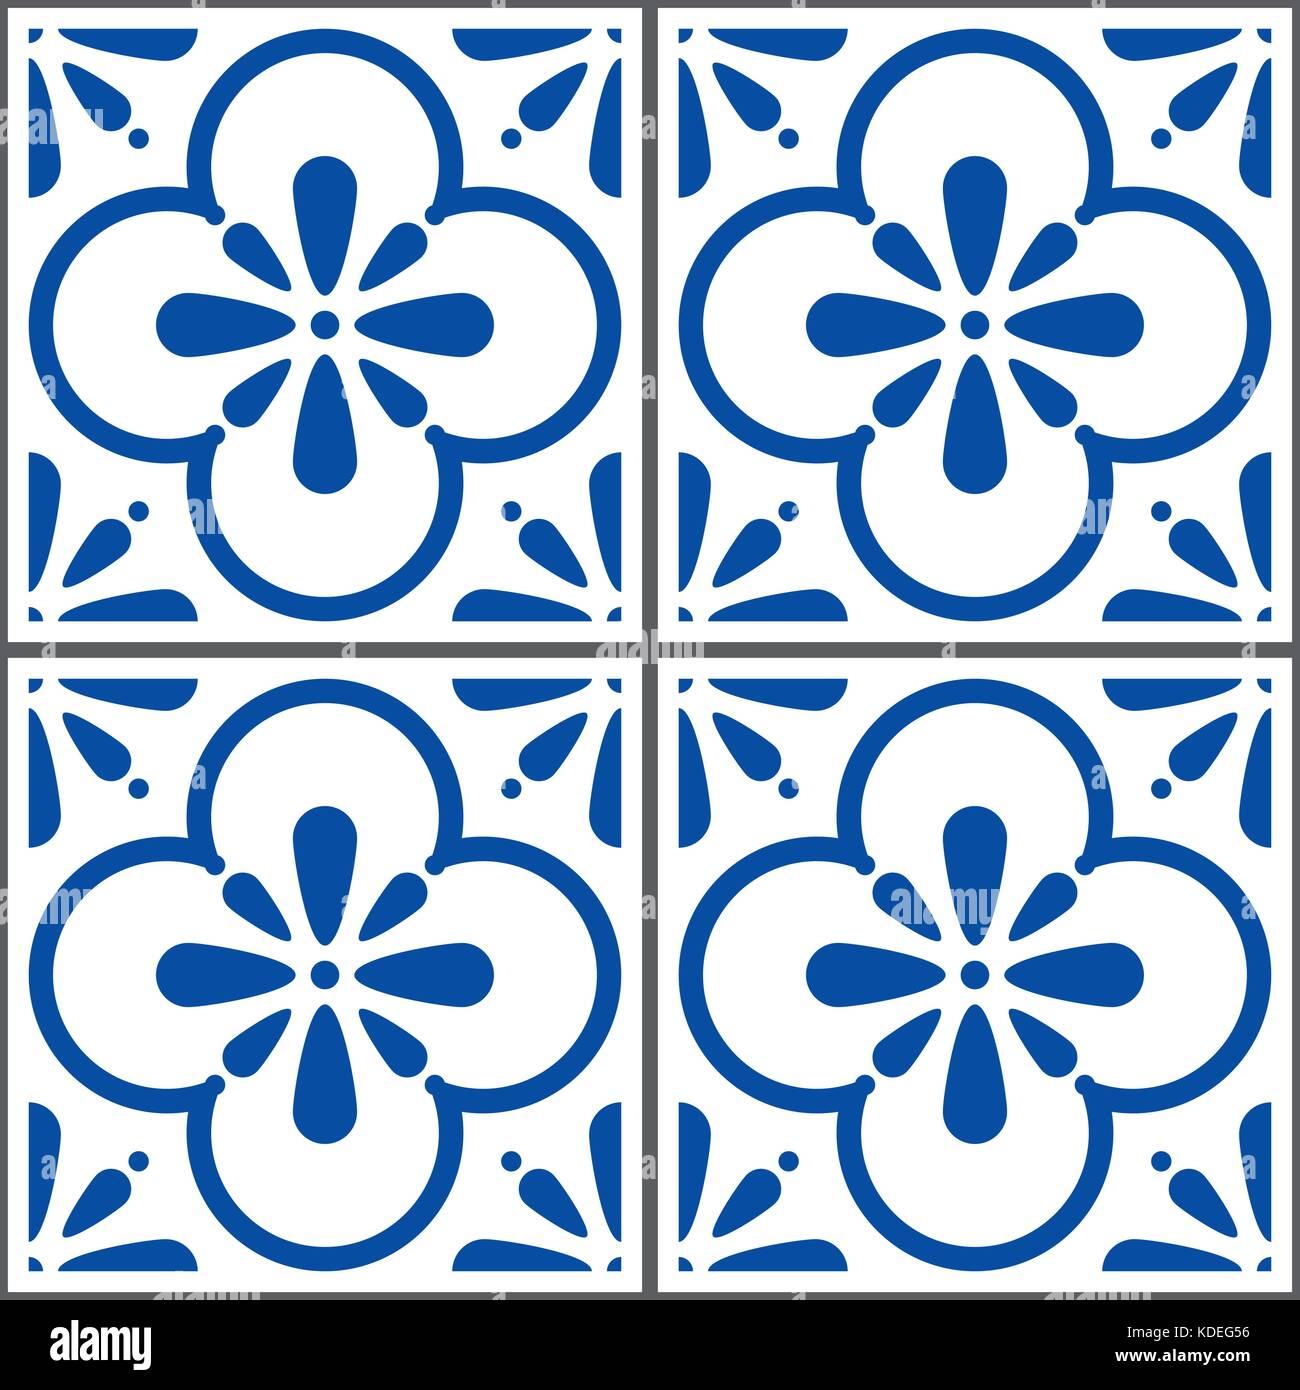 Azulejos Vektor Fliesen Muster Portugiesisch Nahtlose Blauen